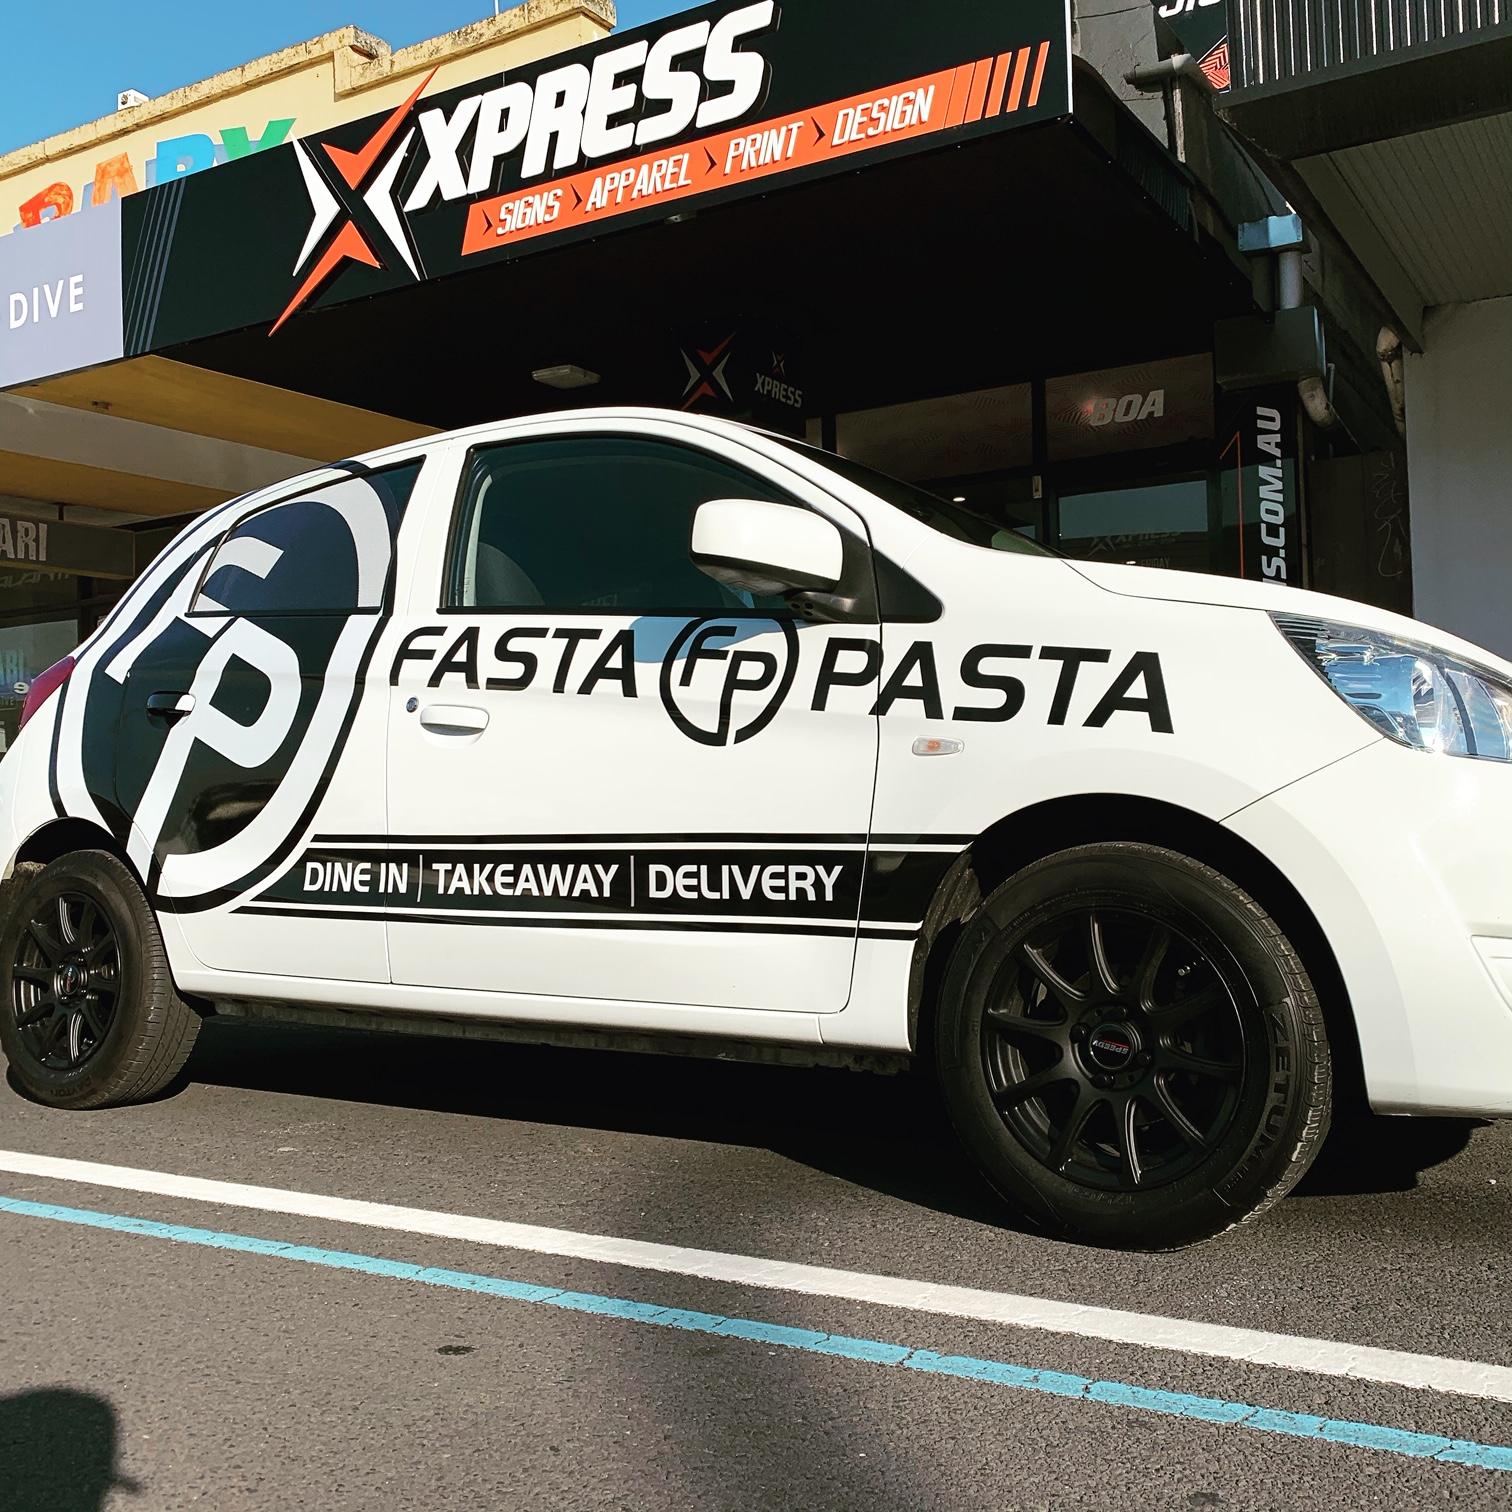 Fasta Pasta Vehicle Signage